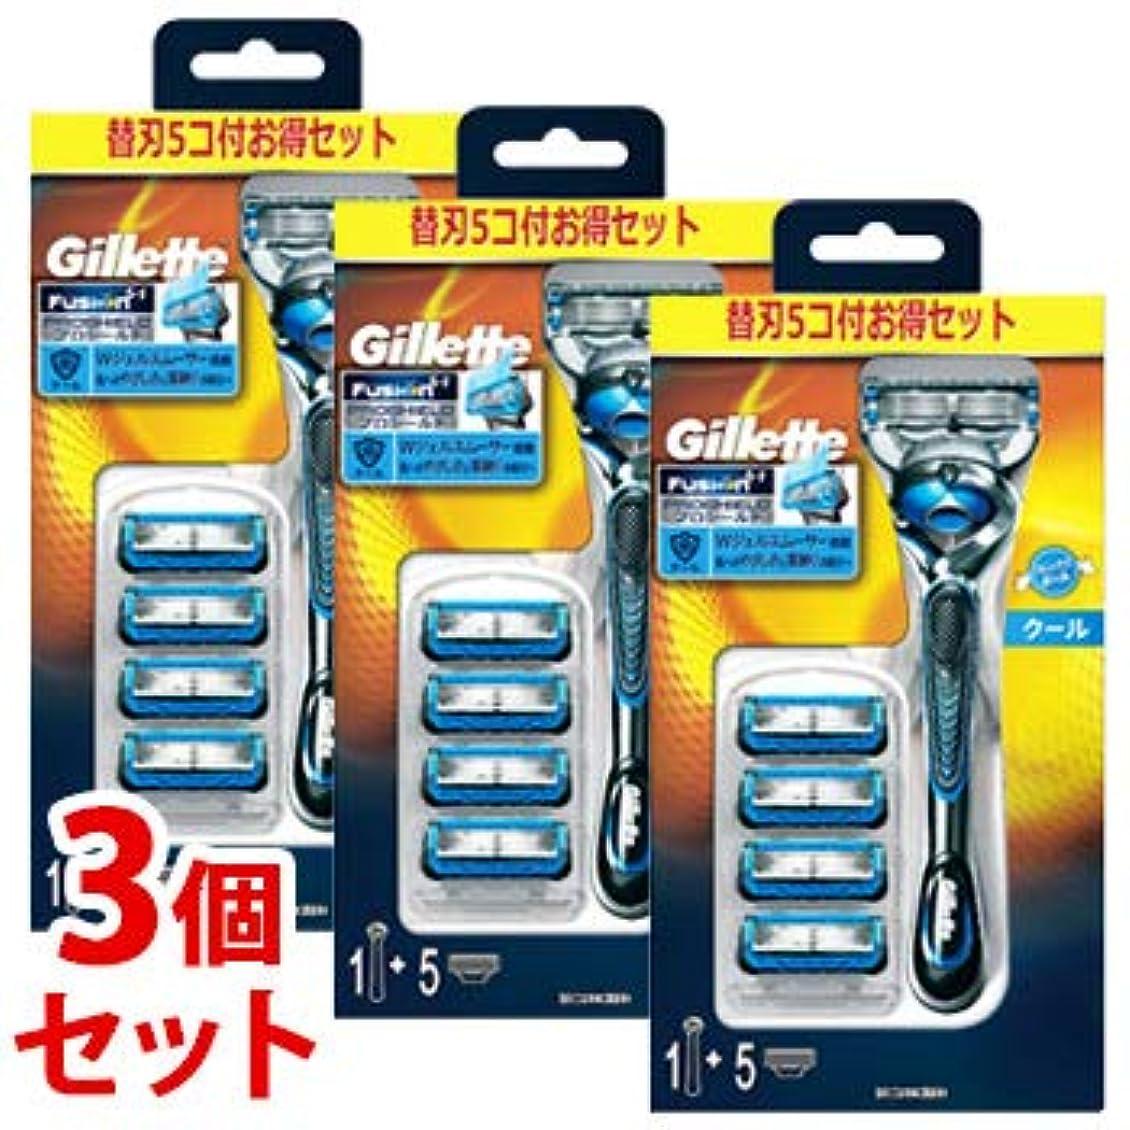 弾性ハードウェアソケット《セット販売》 P&G ジレット プロシールドクール 4B ホルダー付 (替刃5個付)×3個セット